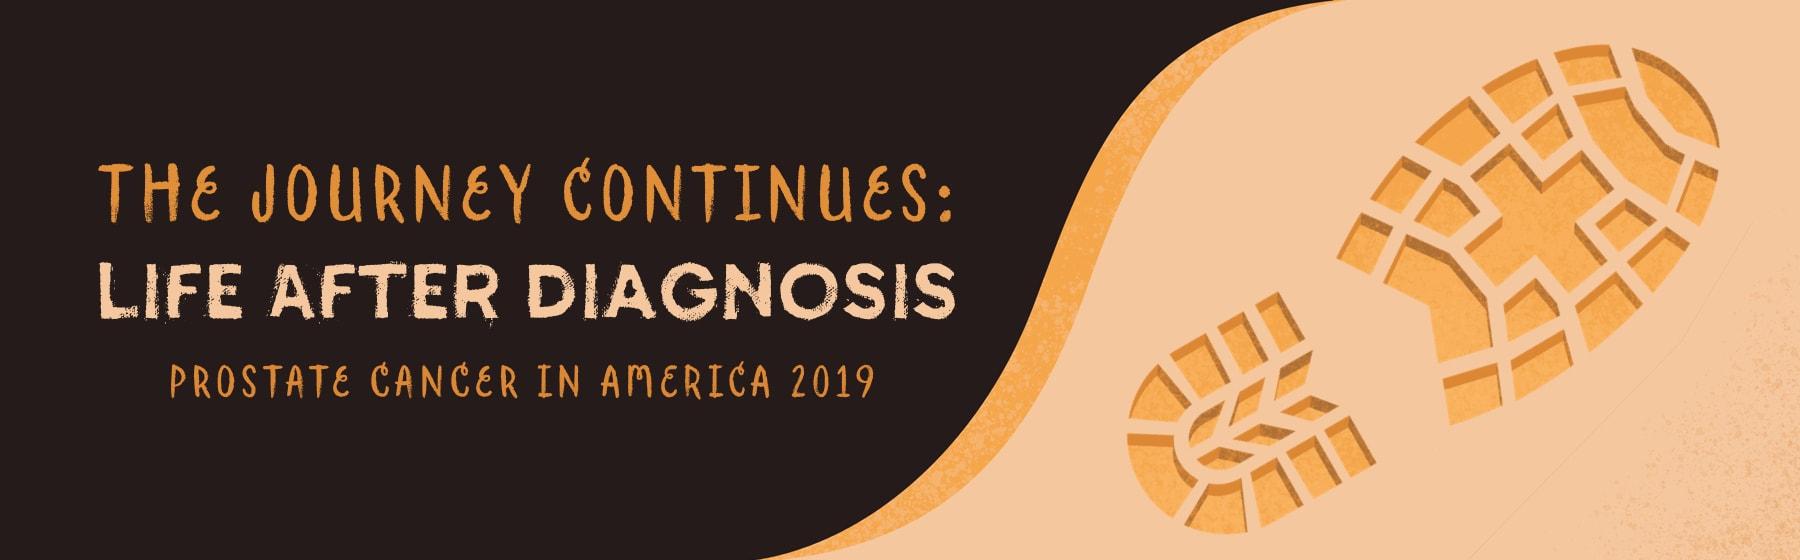 Prostate Cancer In America 2019